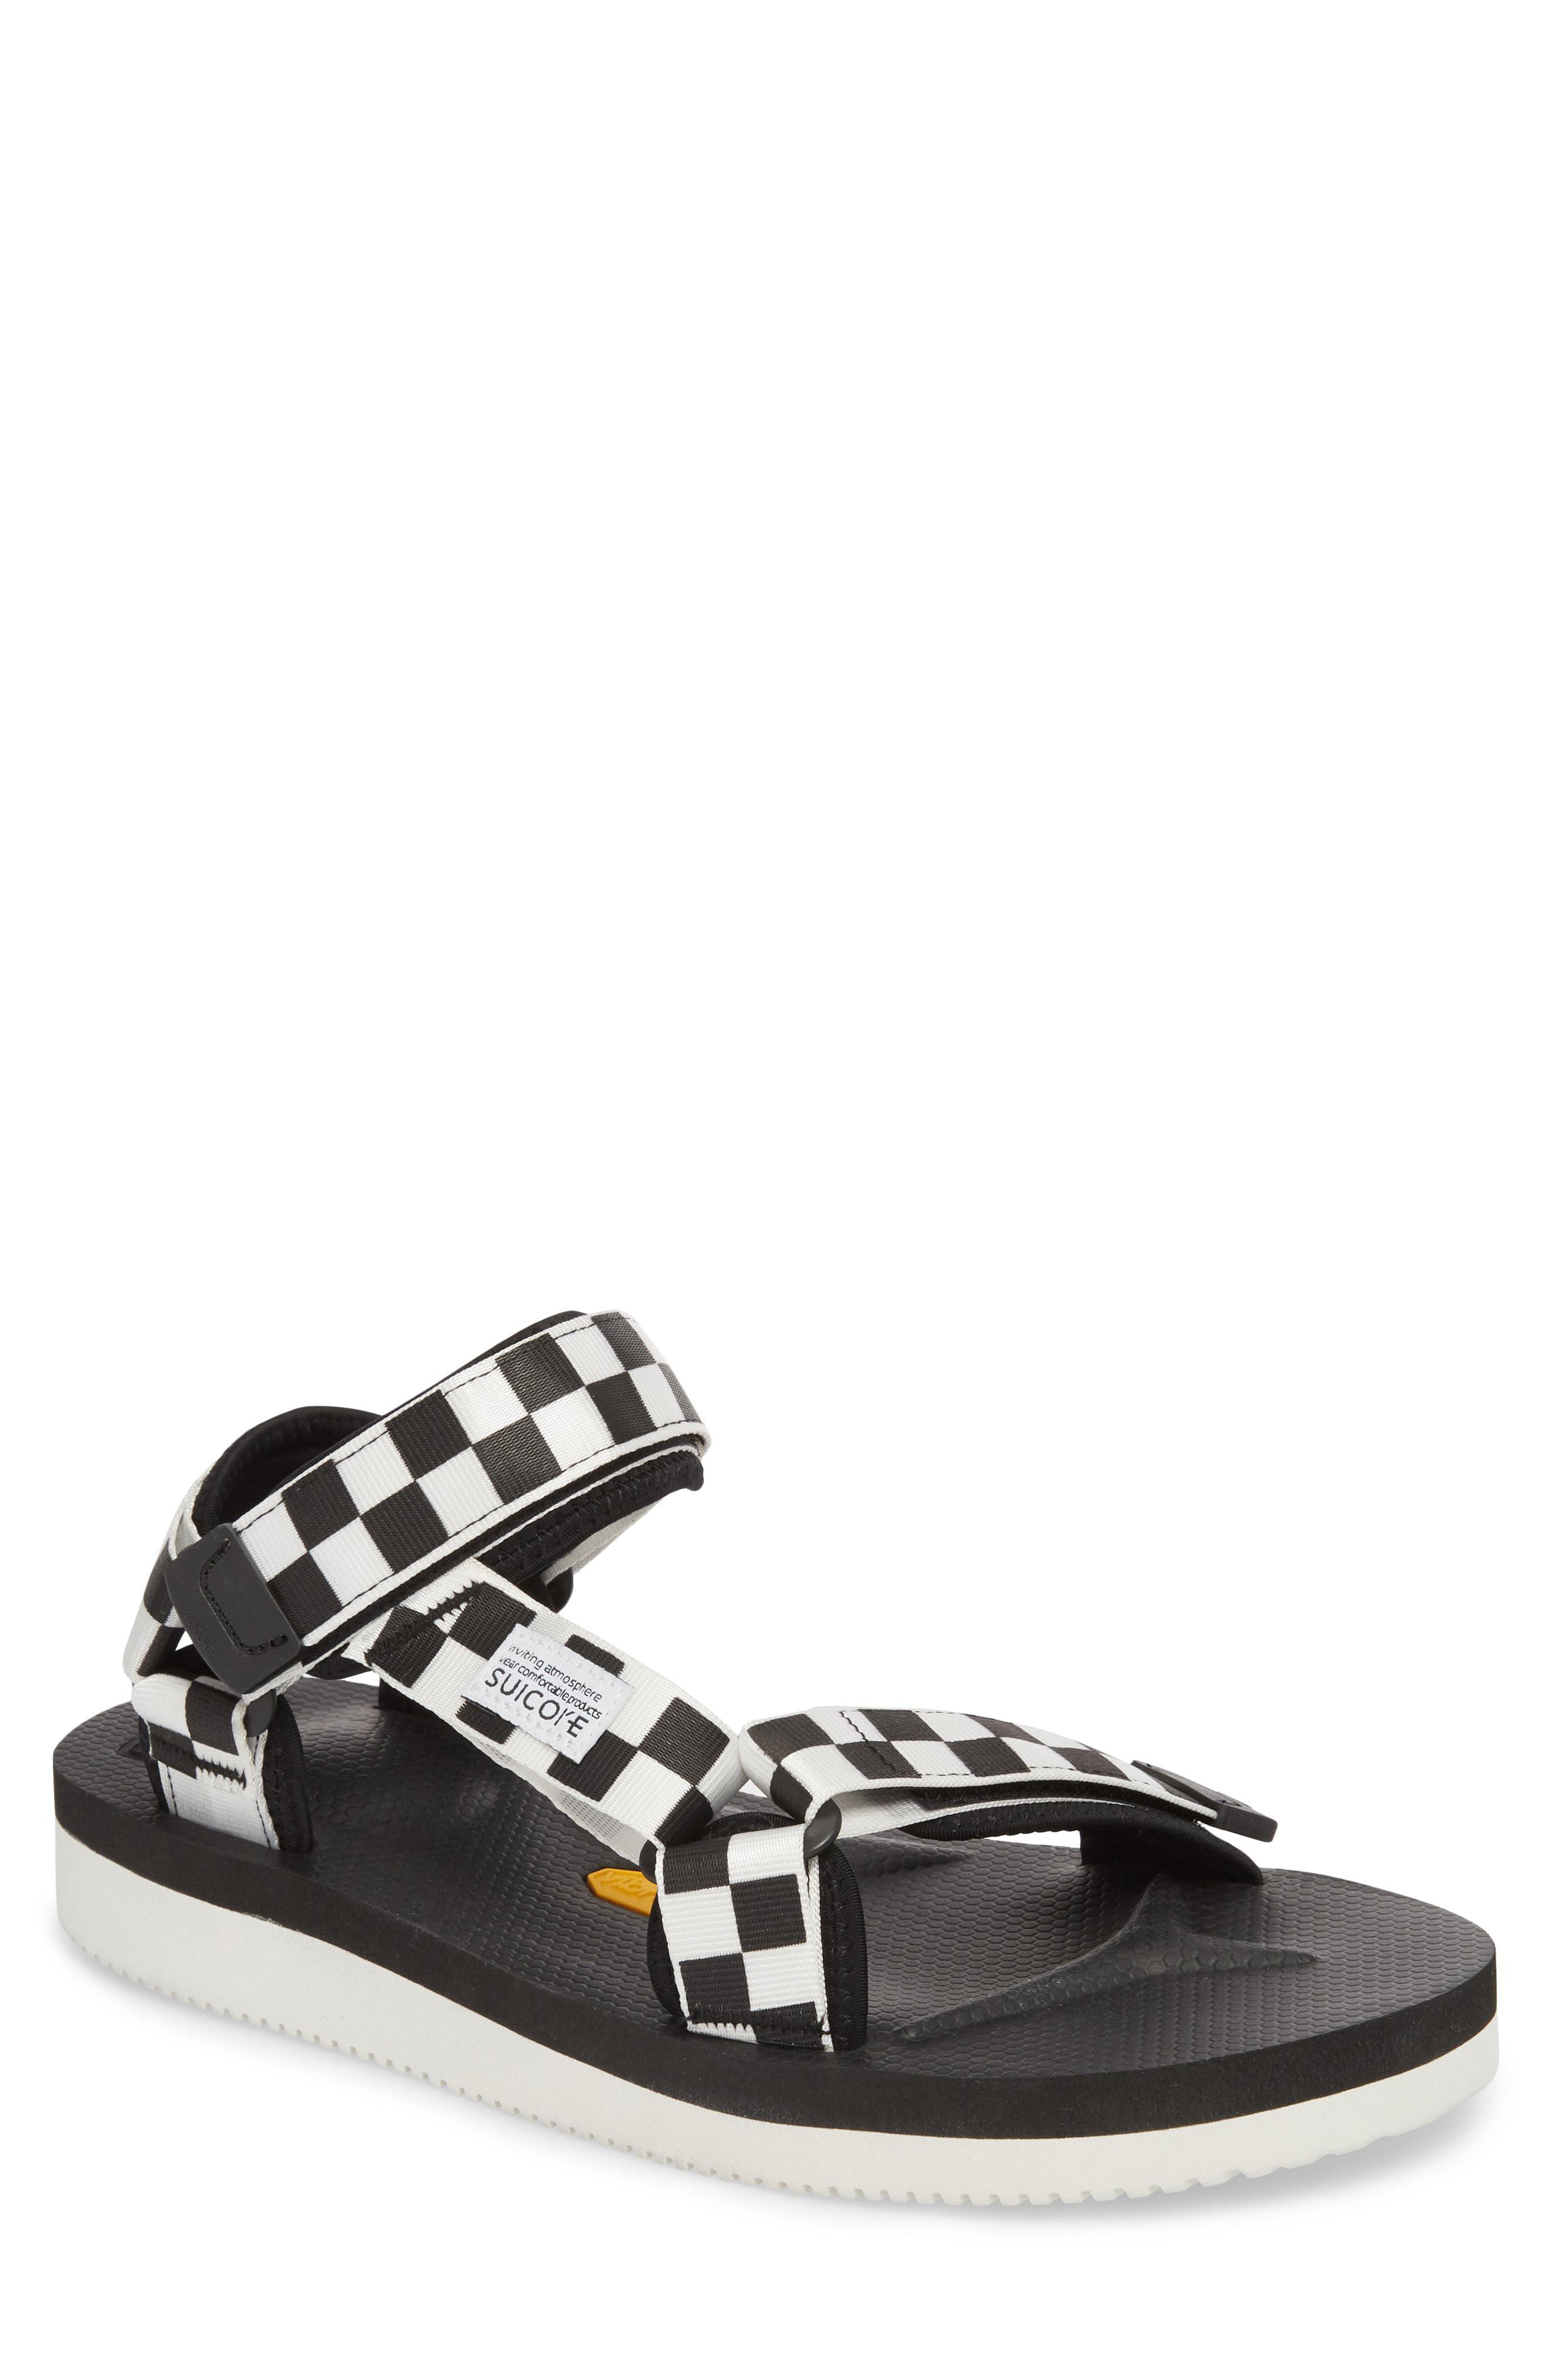 bc72d11a6254 Lyst - Suicoke Depa Sport Sandal for Men